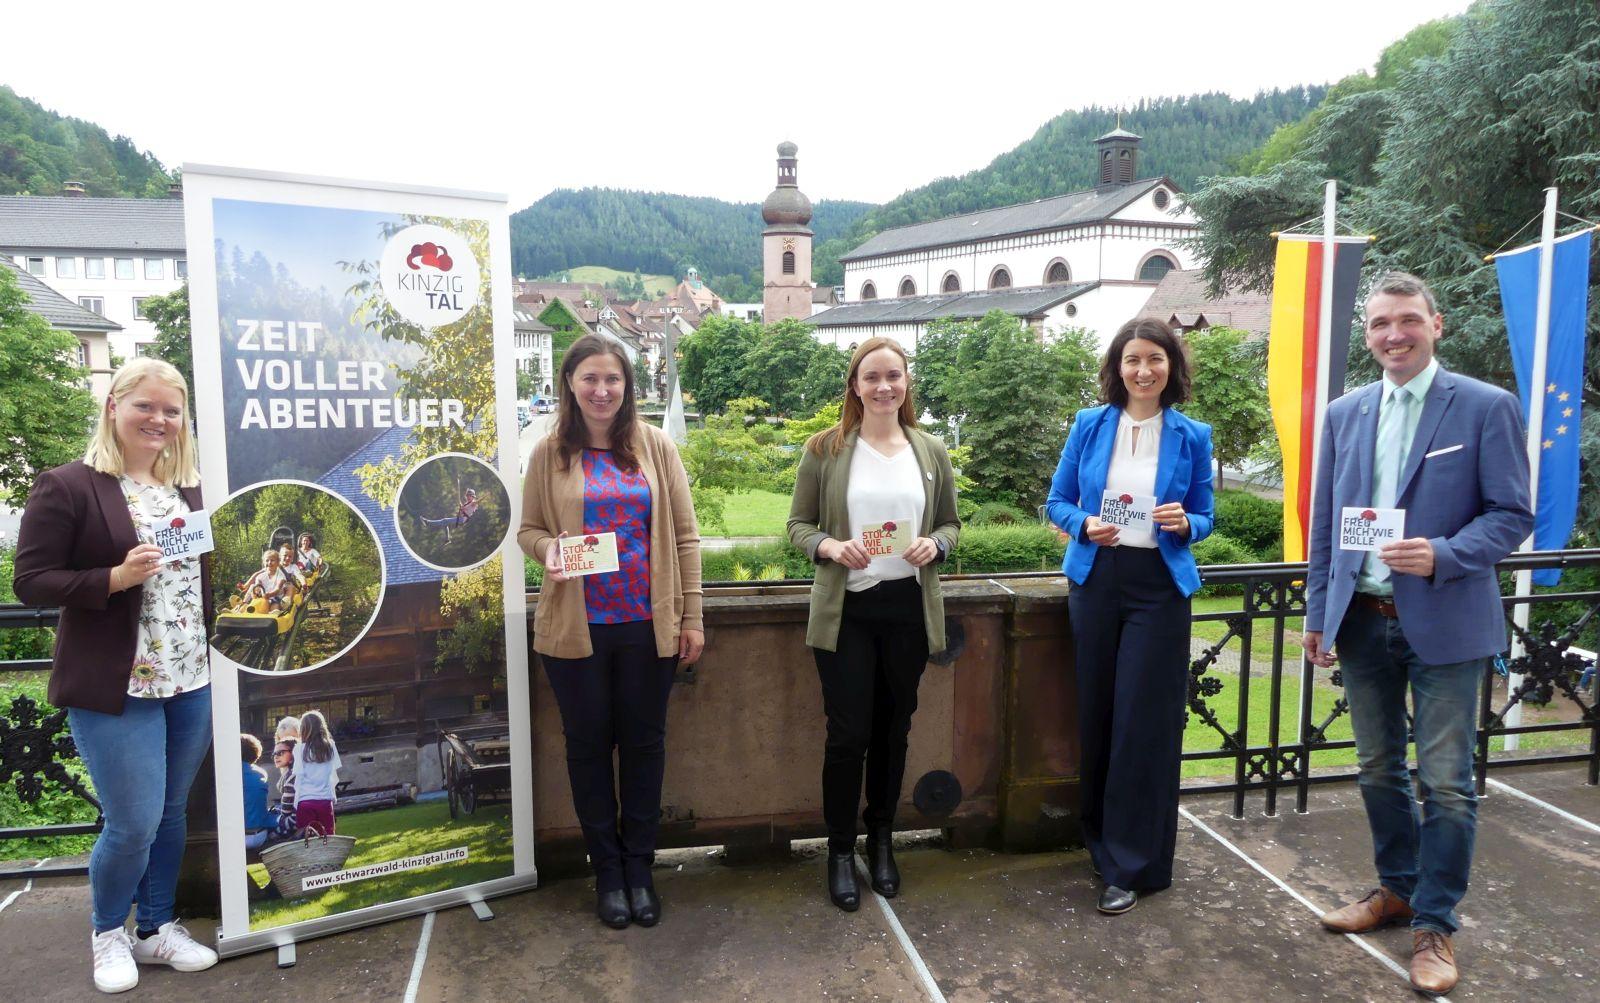 """Sie haben die """"Schwarzwald Tourismus Kinzigtal"""" im Schramberger Schloss vorgestellt (von links): Aylin Schirling, Assunta Finke, Schmider, Dorothee Eisenlohr und Thomas Geppert. Foto: him"""